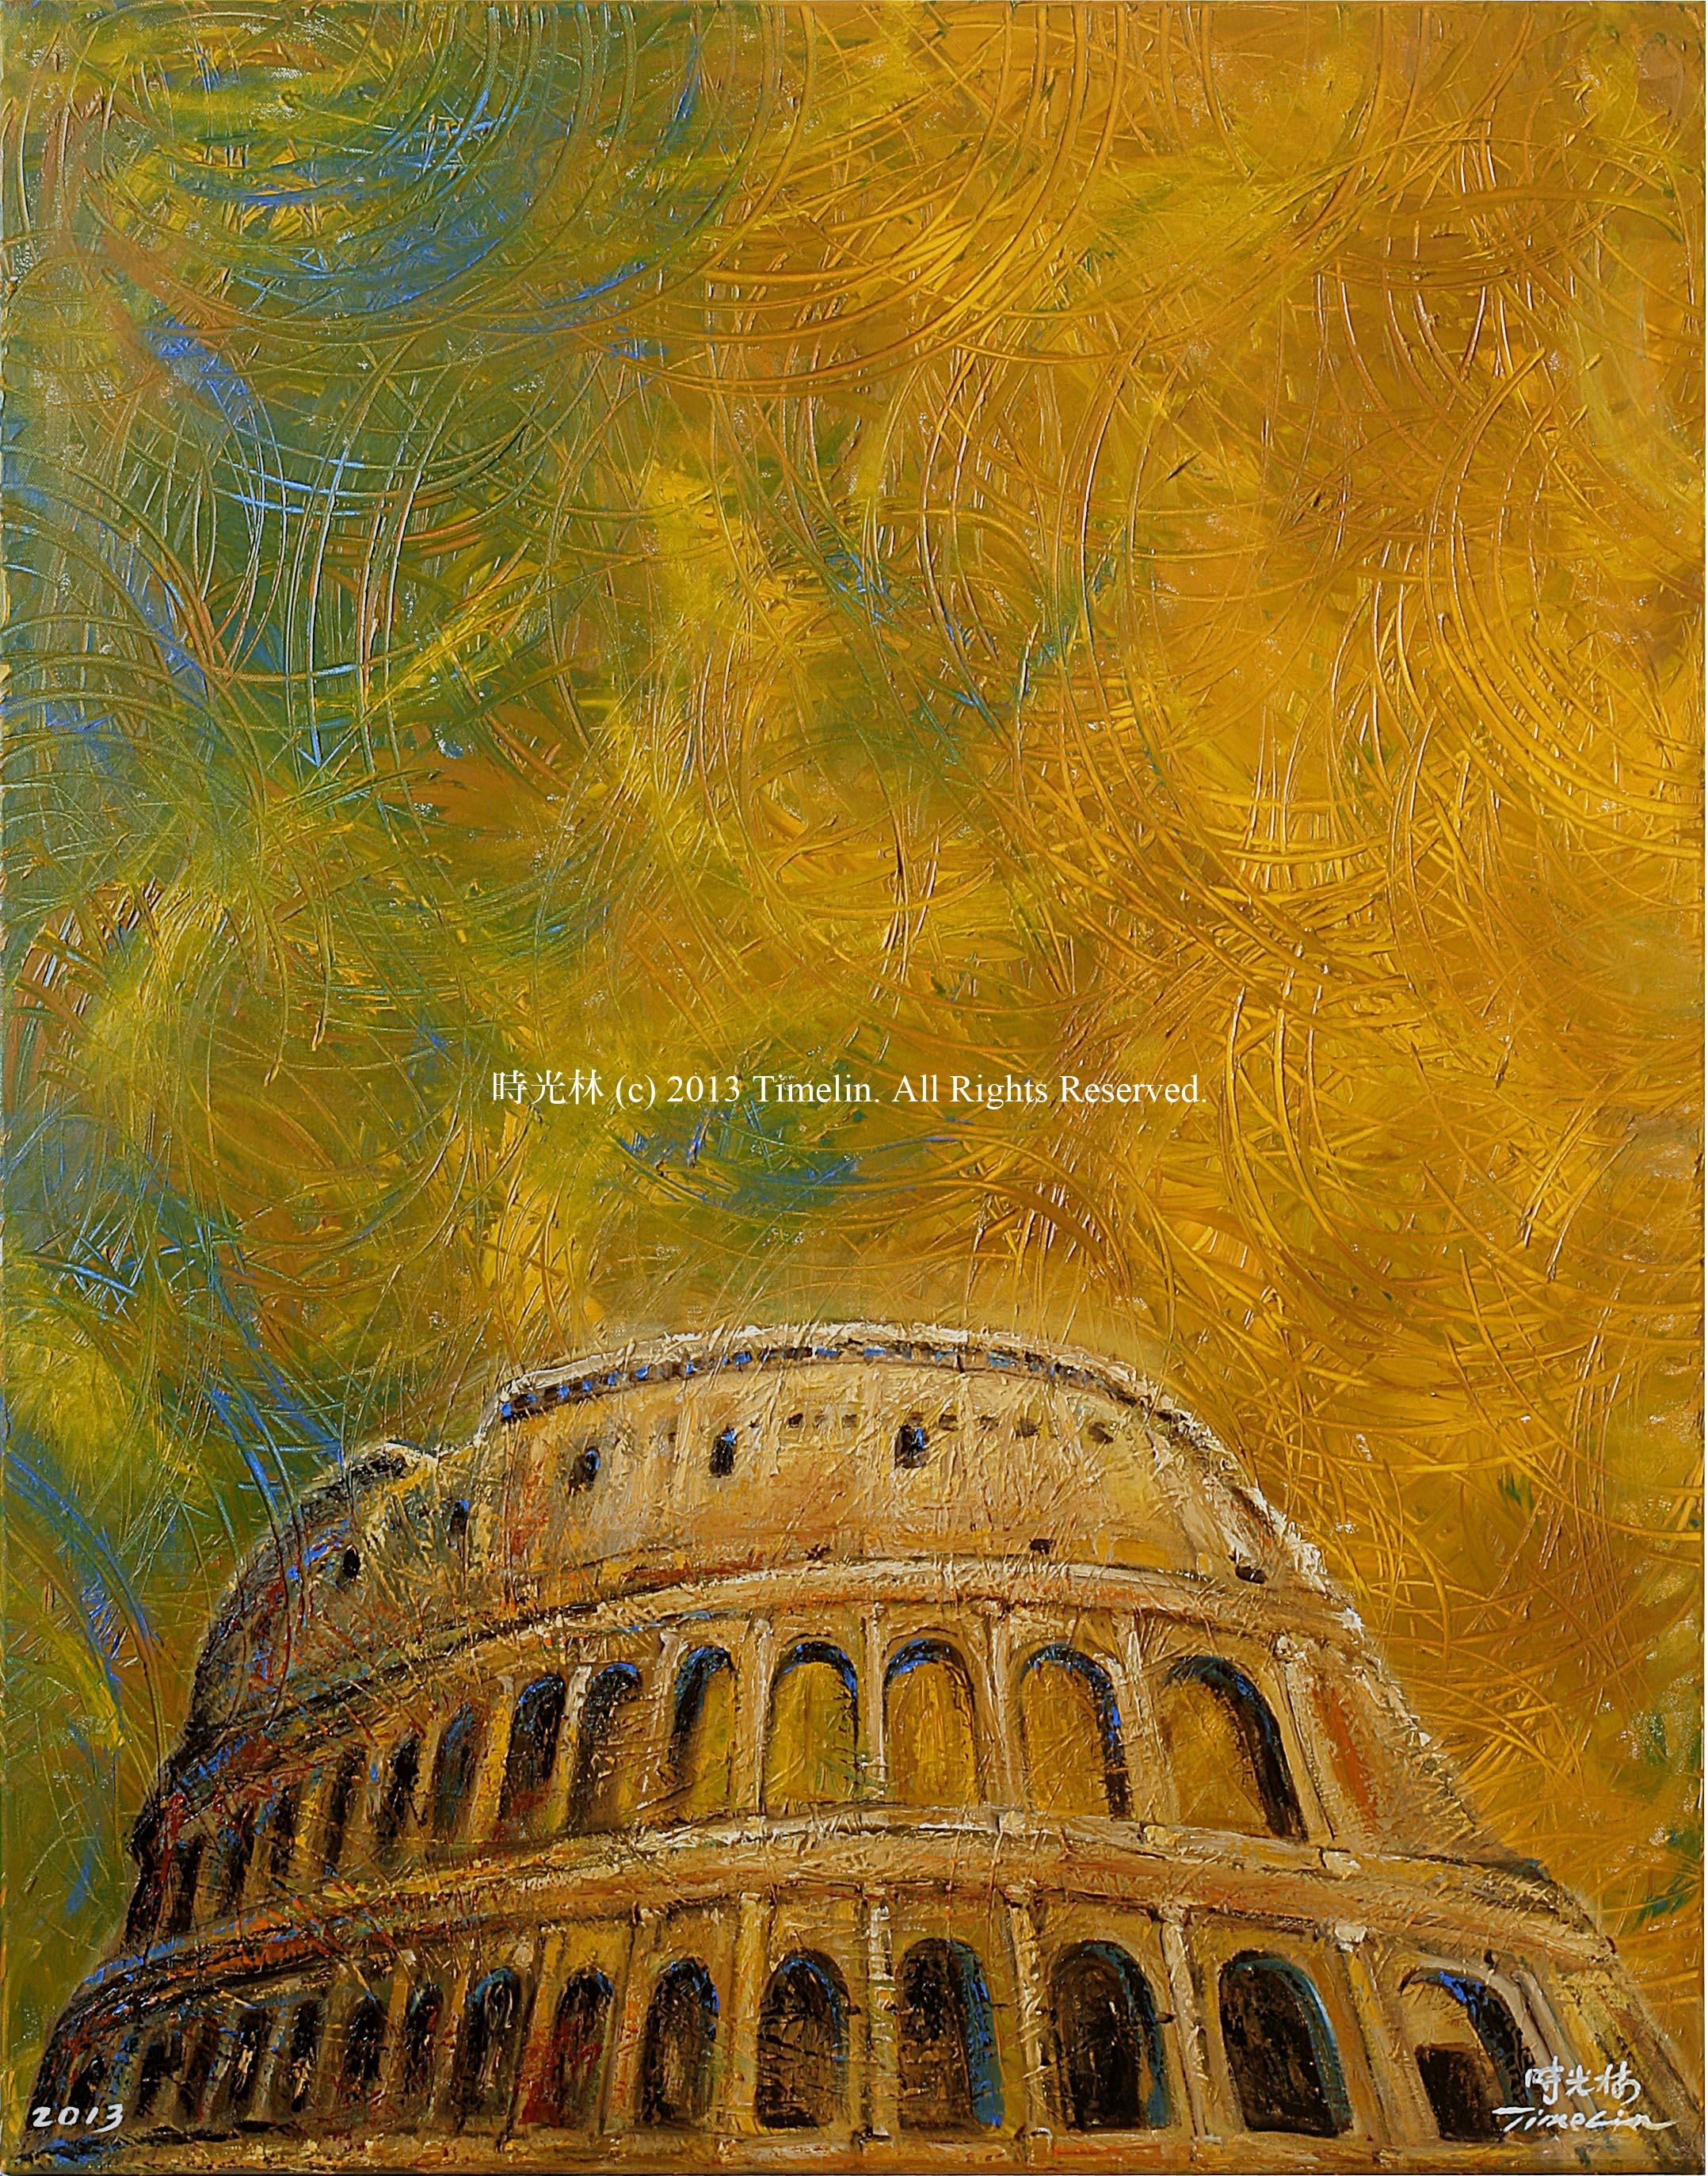 羅馬時光Rome time